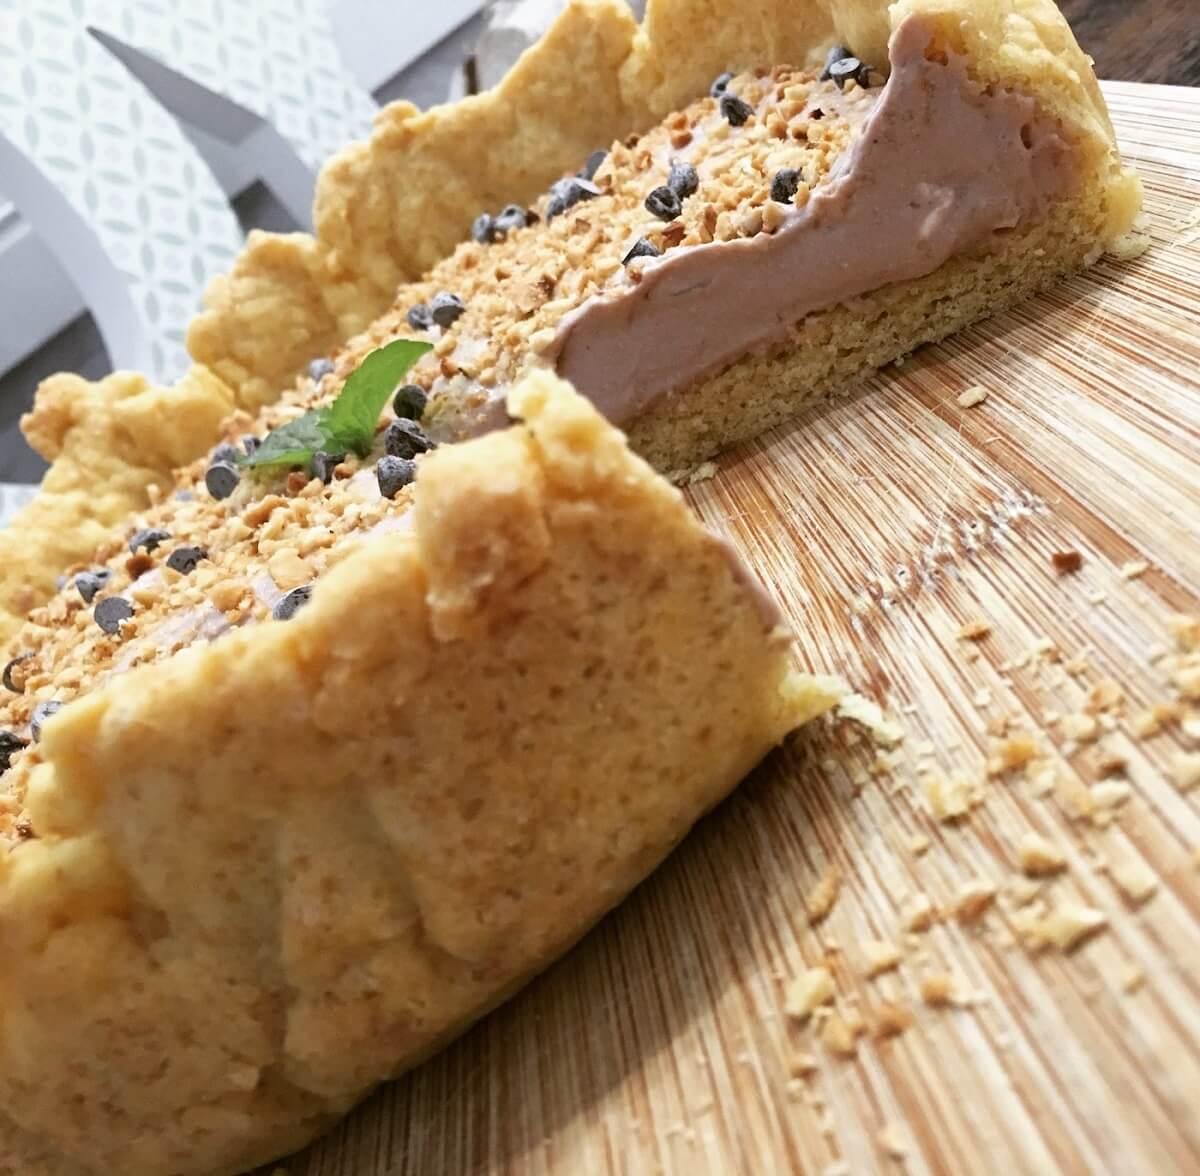 Veg-cake con mousse al cocco, torta vegana senza uova e zucchero